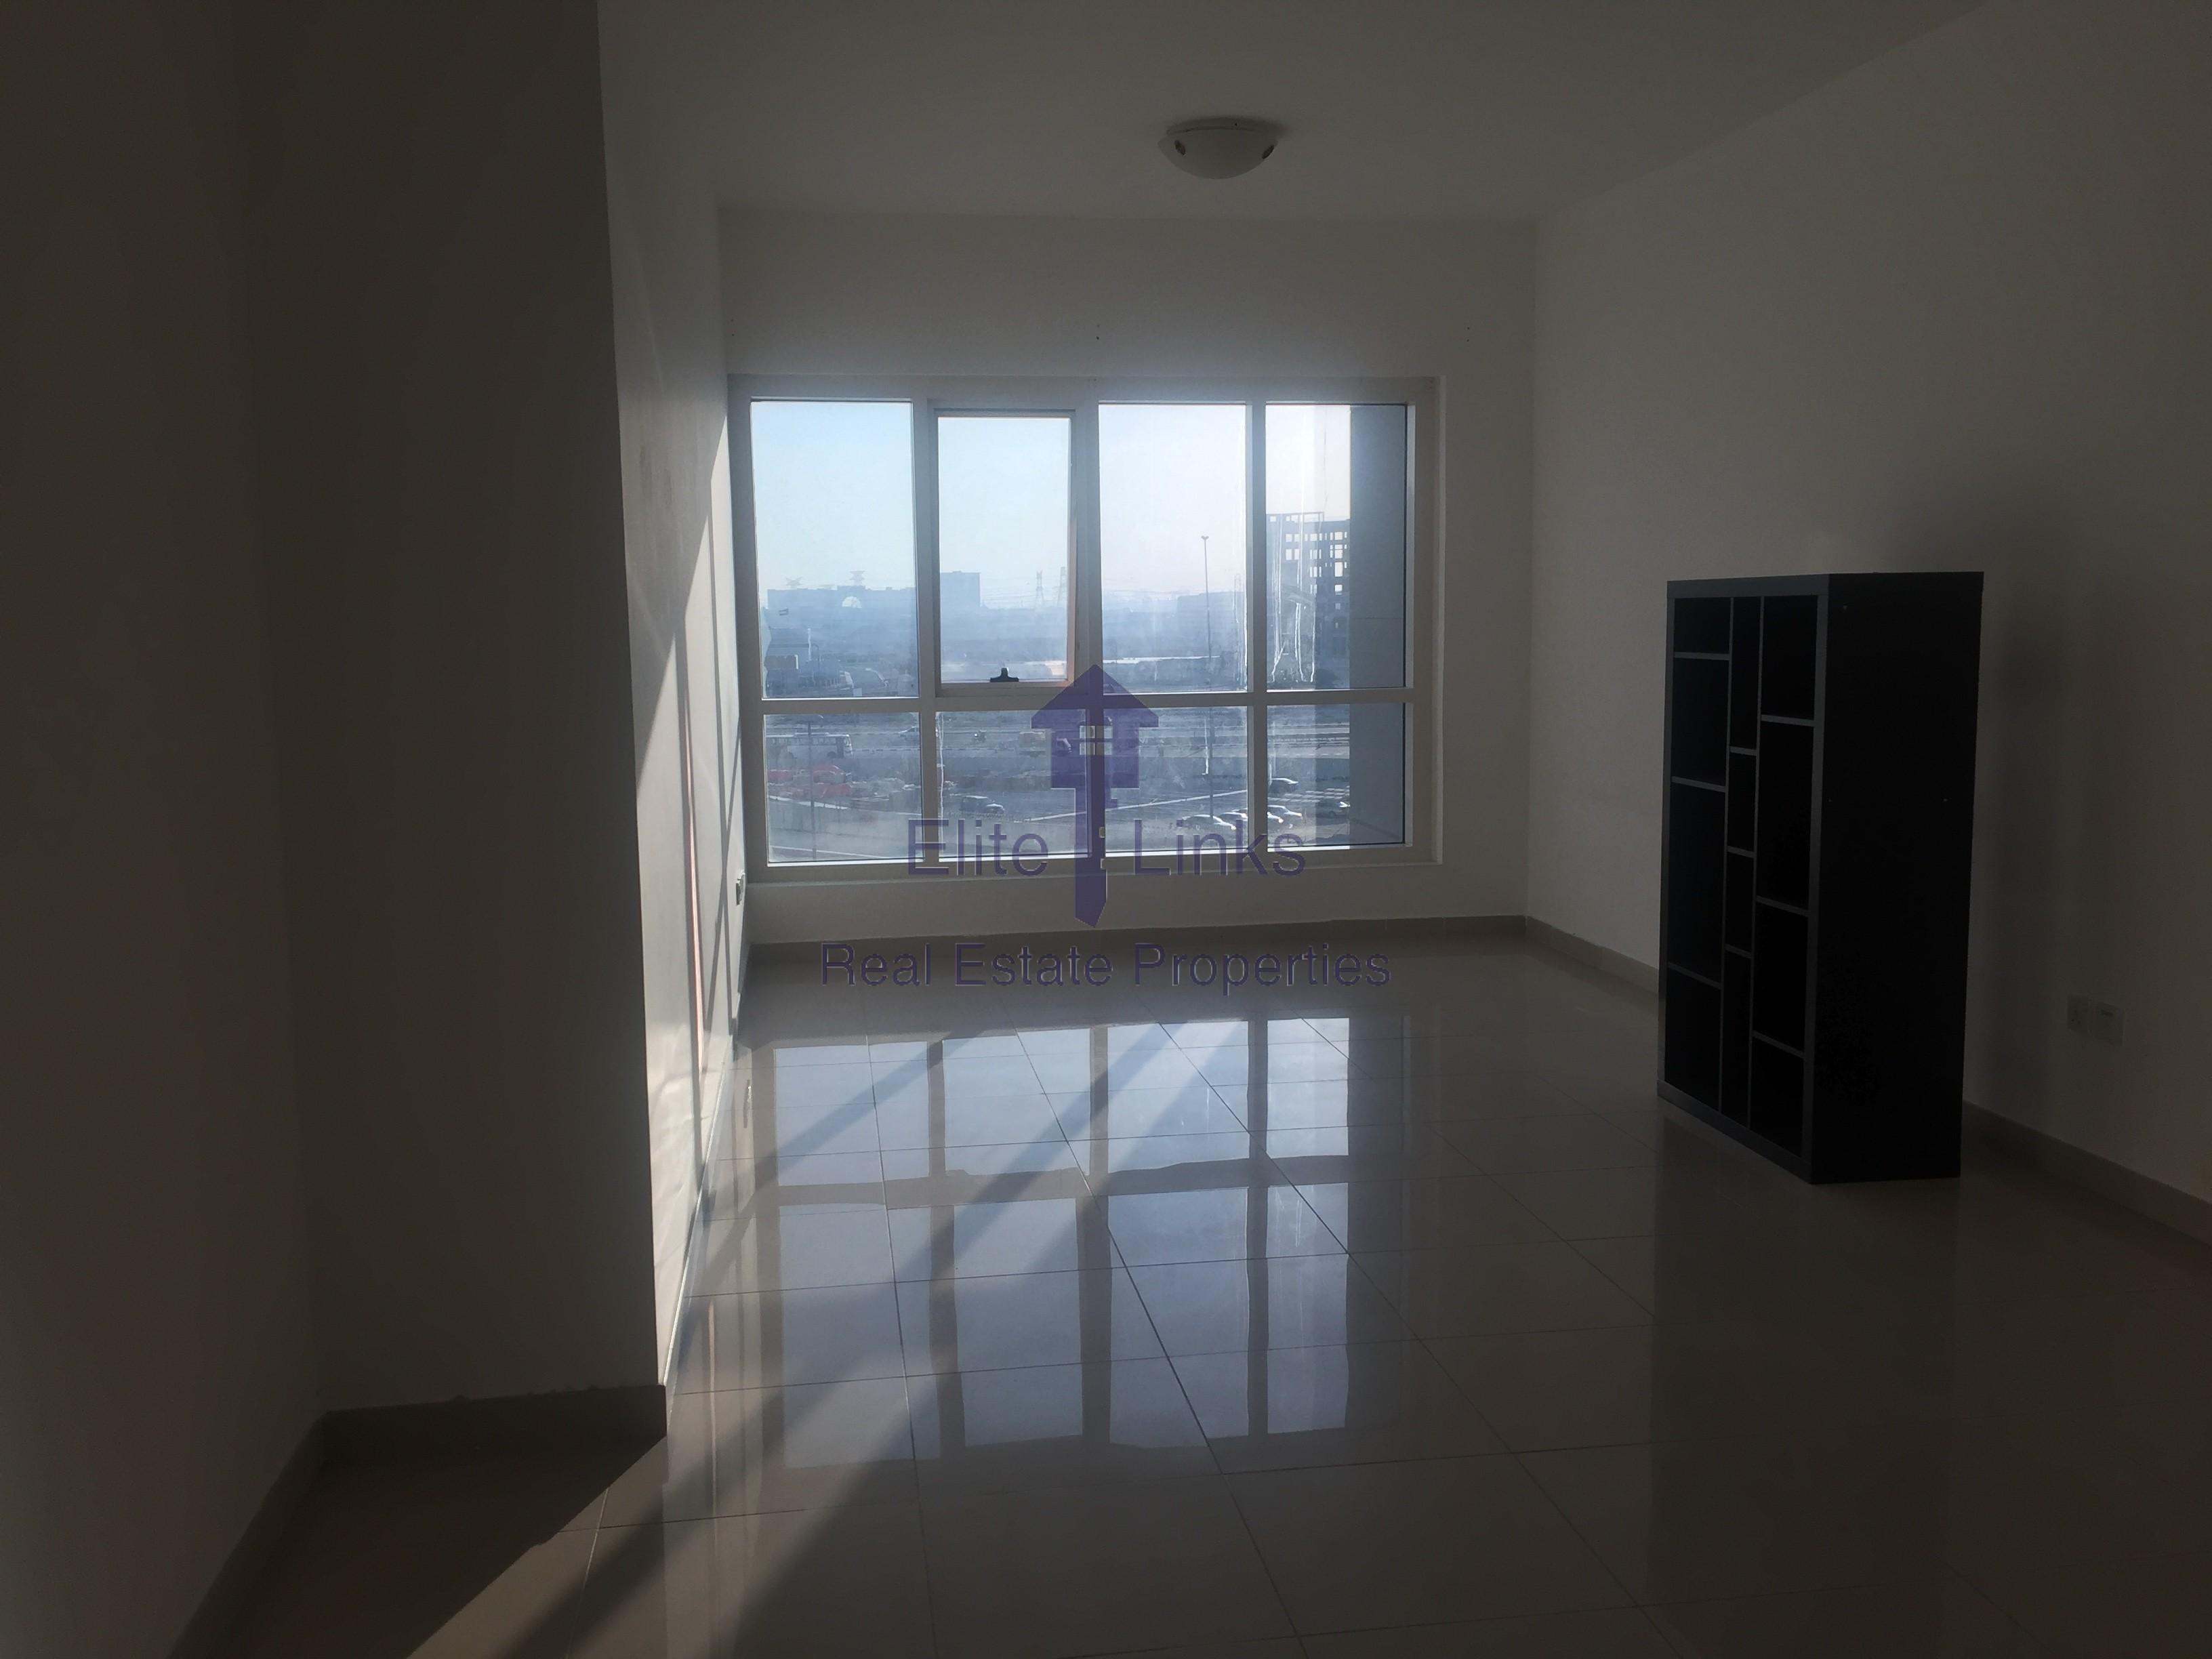 Spacious 1BR High Floor 73K 4 chqs JLT